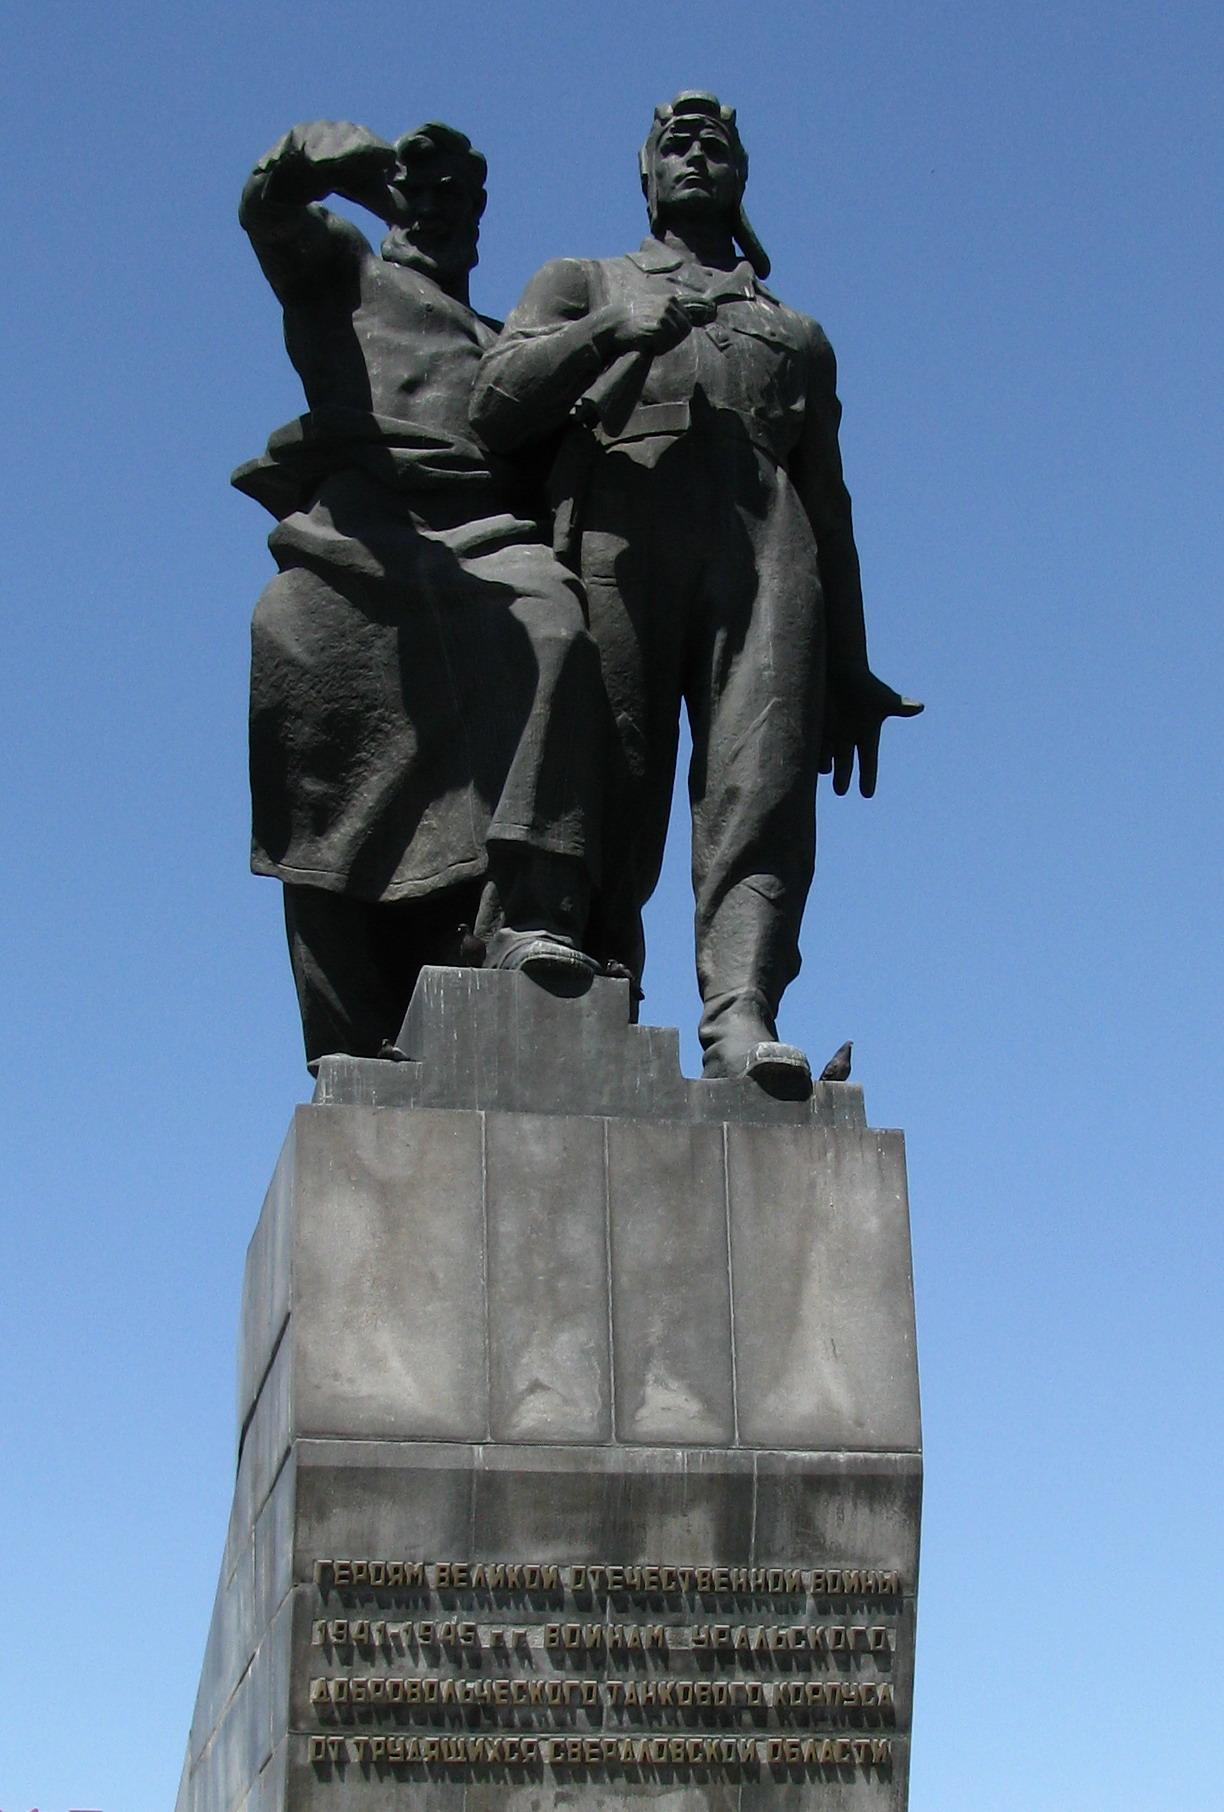 Памятники великой отечественной войны в екатеринбурге памятники в екатеринбурге фото и описание 10 животных